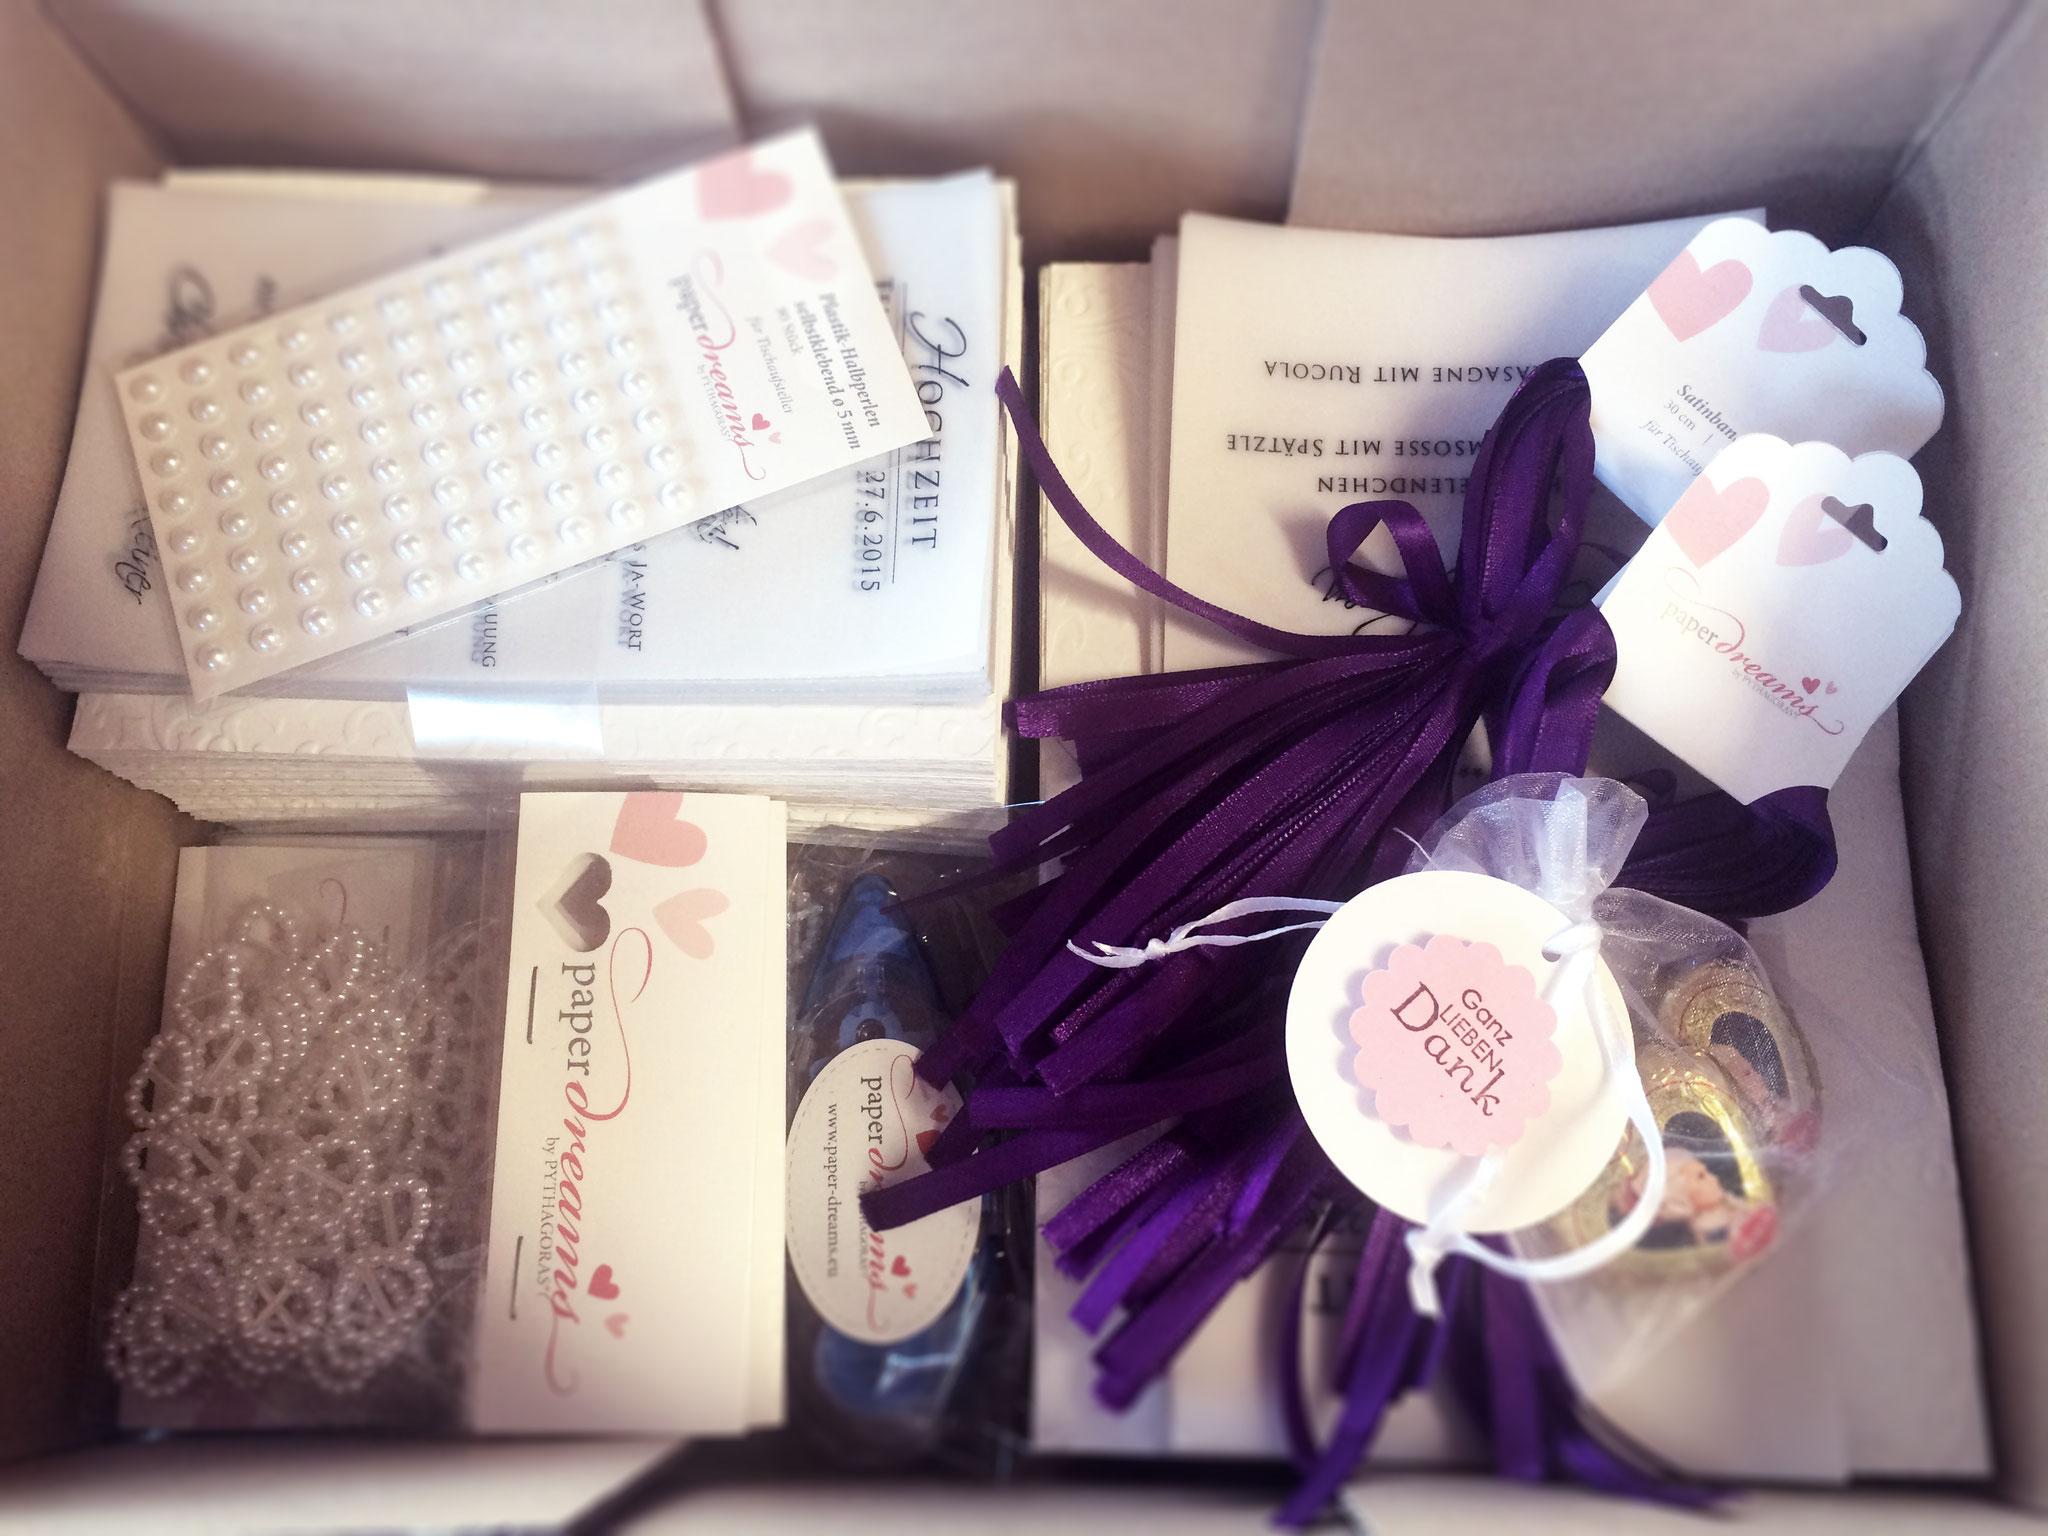 So sieht ein Selfmade-Paket aus: Einladungen vorgeprägt und gedruckt, Perlenherzchen abgezählt verpackt, auf Maß zugeschnittene Satinbänder und die GRATIS-Klebemaus. Los geht's!